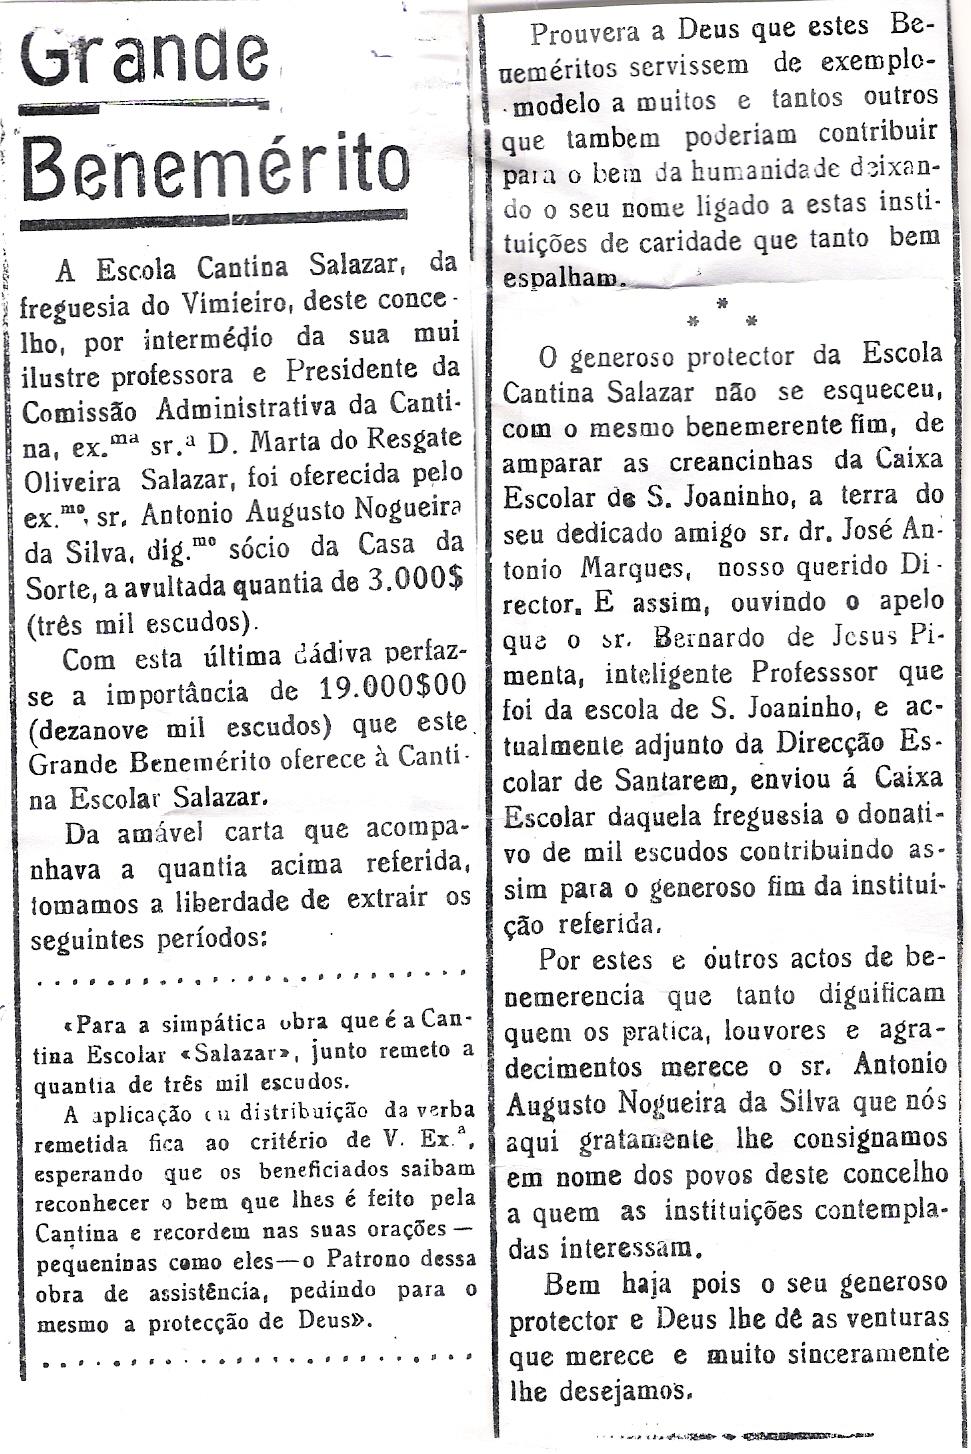 Benemérito-Escola Cantina Salazar 1946